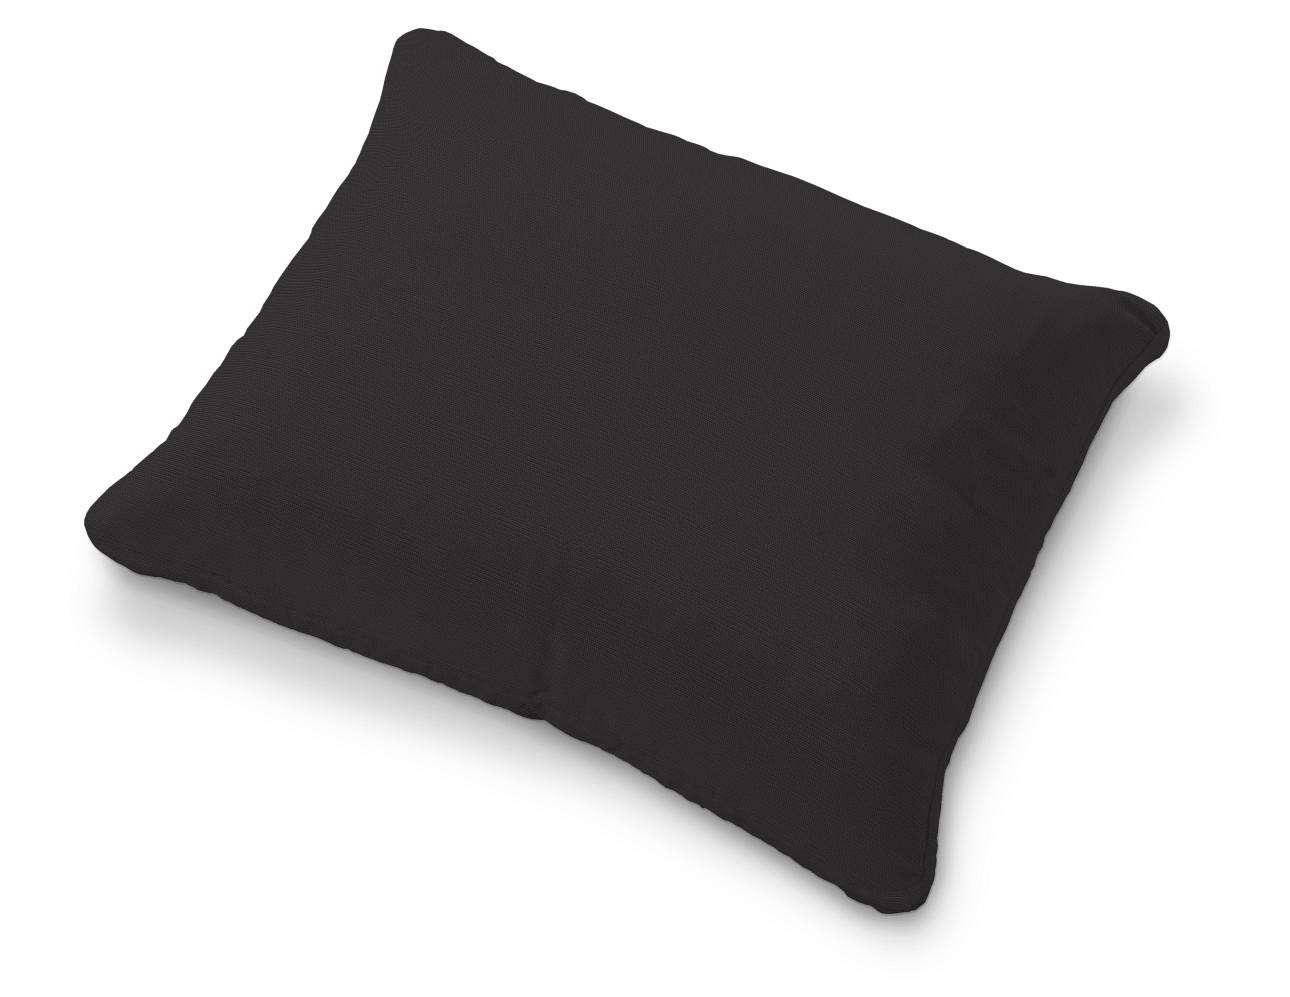 Karlstad pagalvėlės užvalkalas(58 cm x 48 cm) Karlstad pagavėlės užvalkalas 58x48cm kolekcijoje Cotton Panama, audinys: 702-08